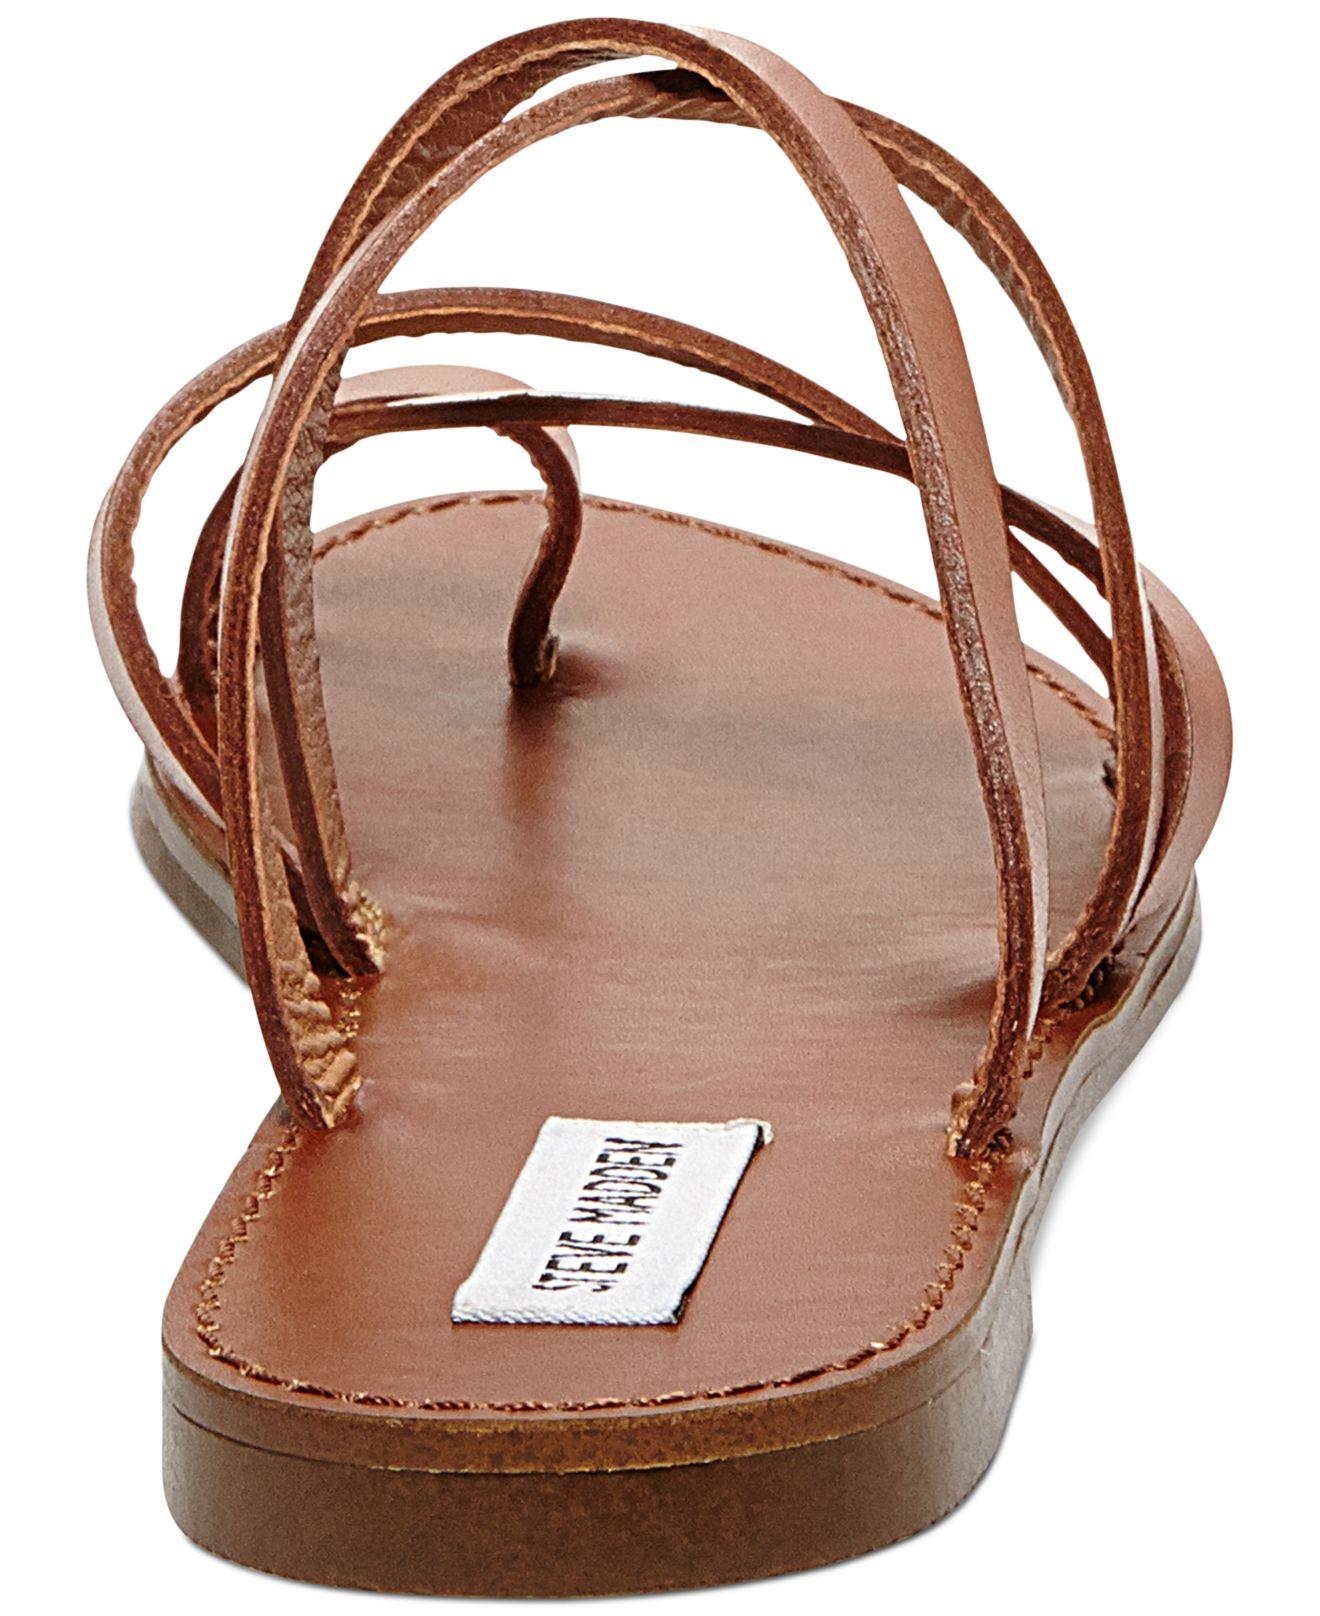 Lyst Steve Madden Antler Flat Toe Ring Slide Sandals In